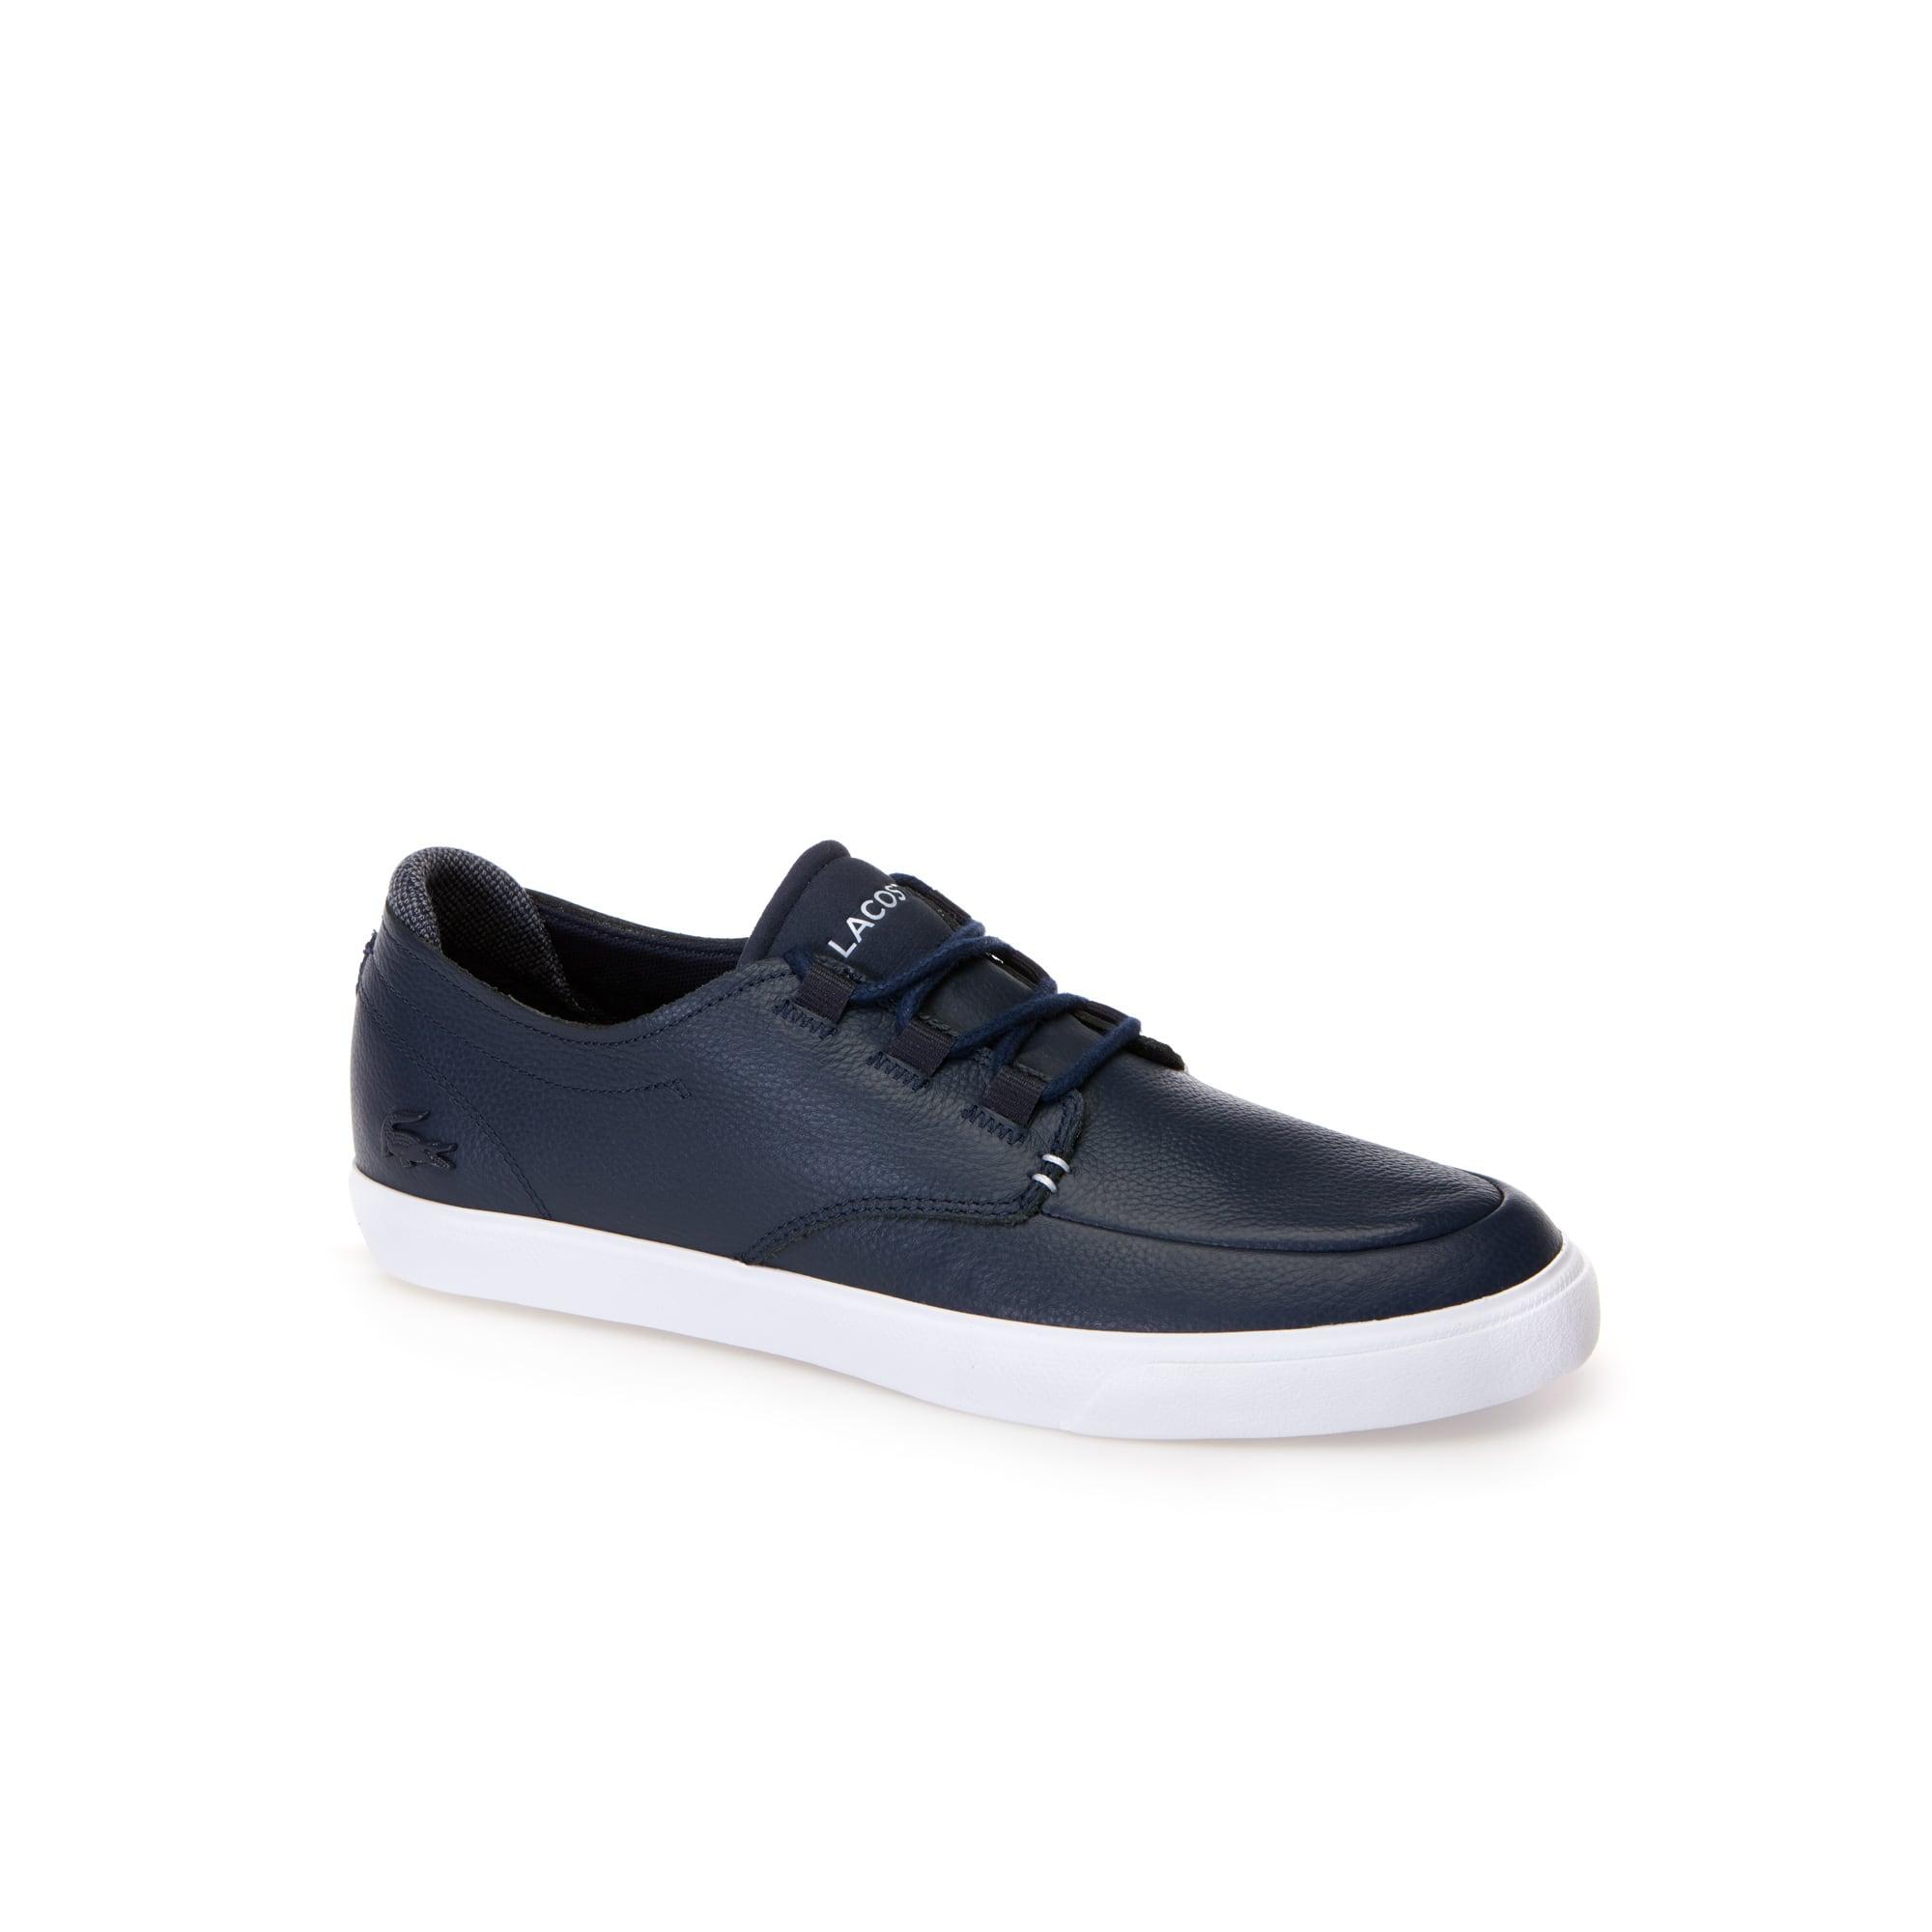 Men's Esparre Leather Deck Shoes